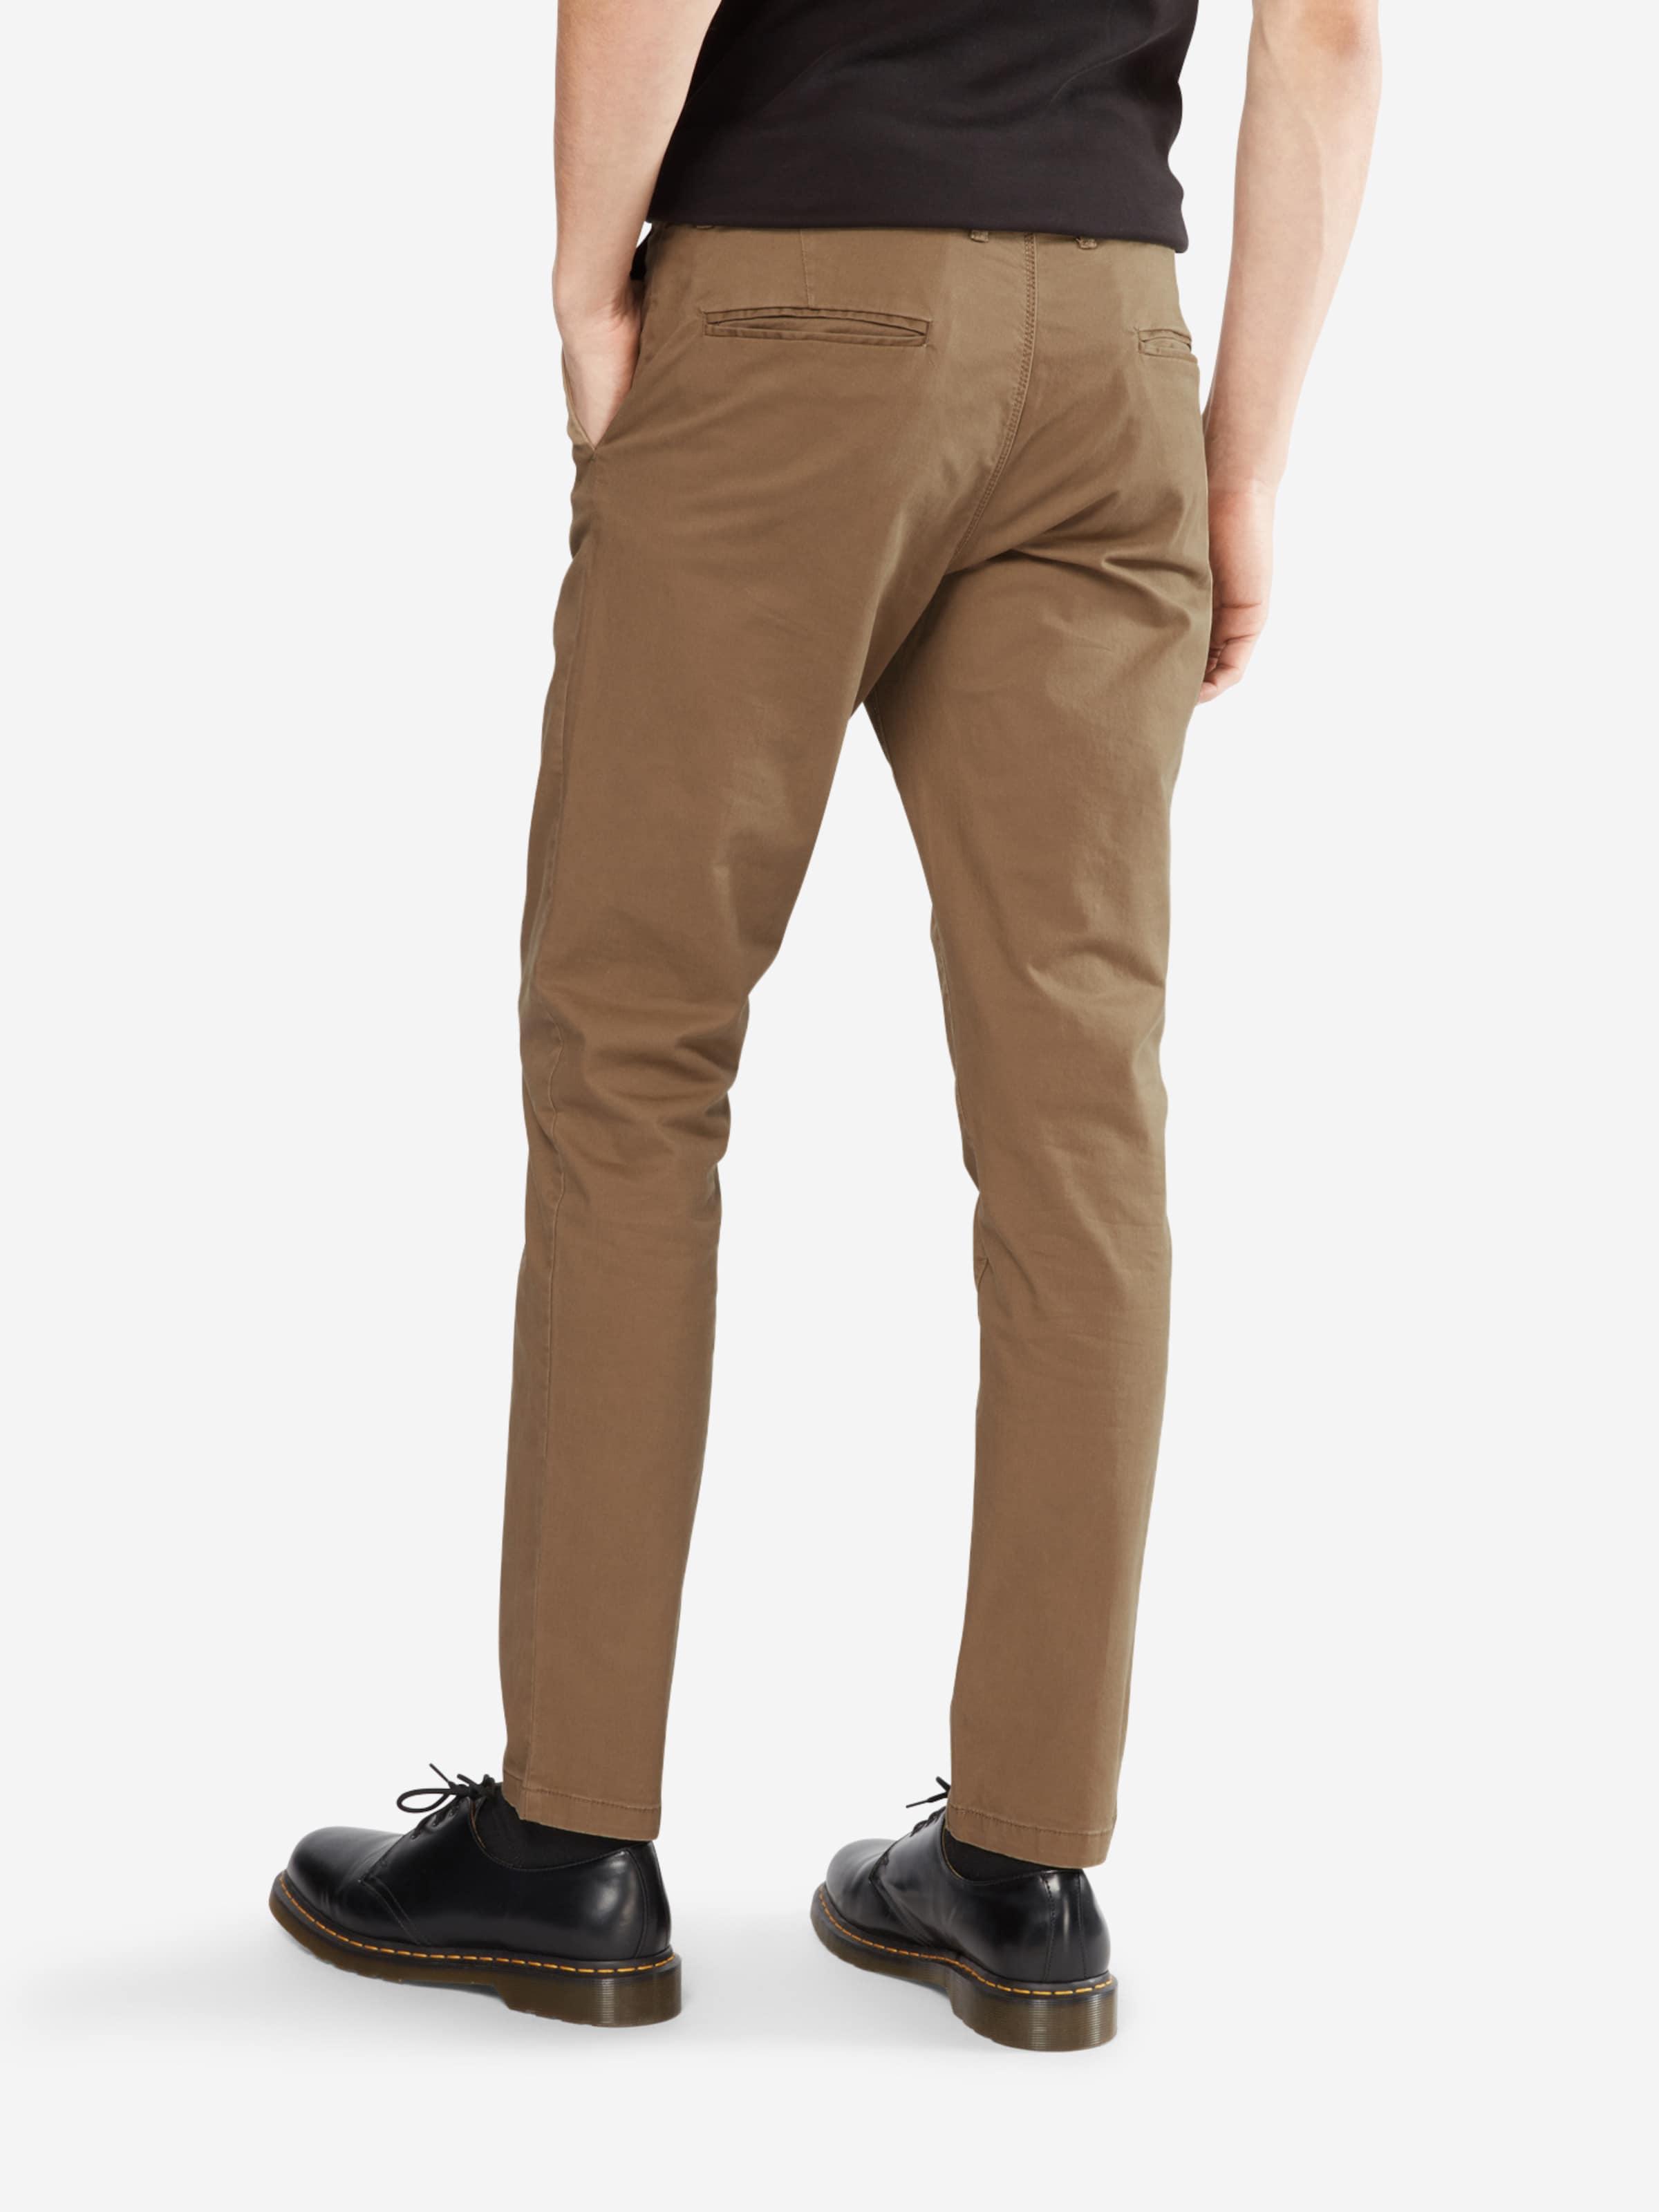 Chino Beige Jackamp; Pantalon En Jones 'jjimarco Jjenzo' E2bWD9IeHY